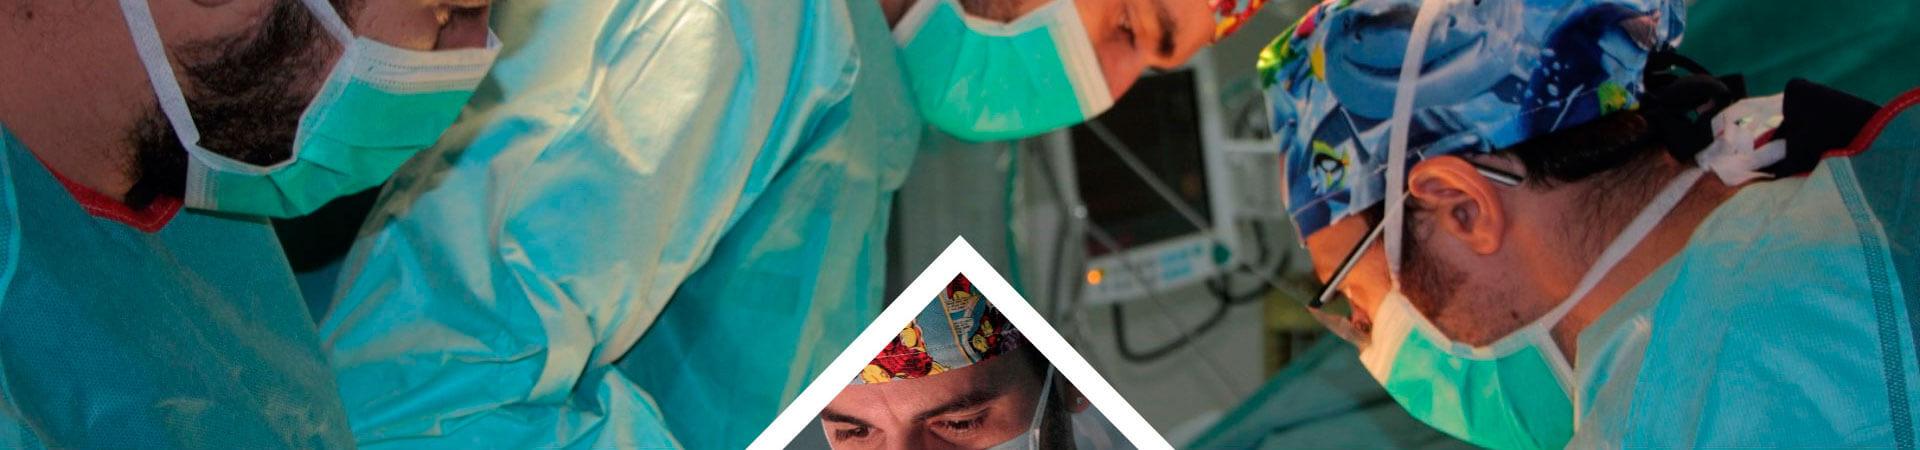 clinica-vascular-marbella